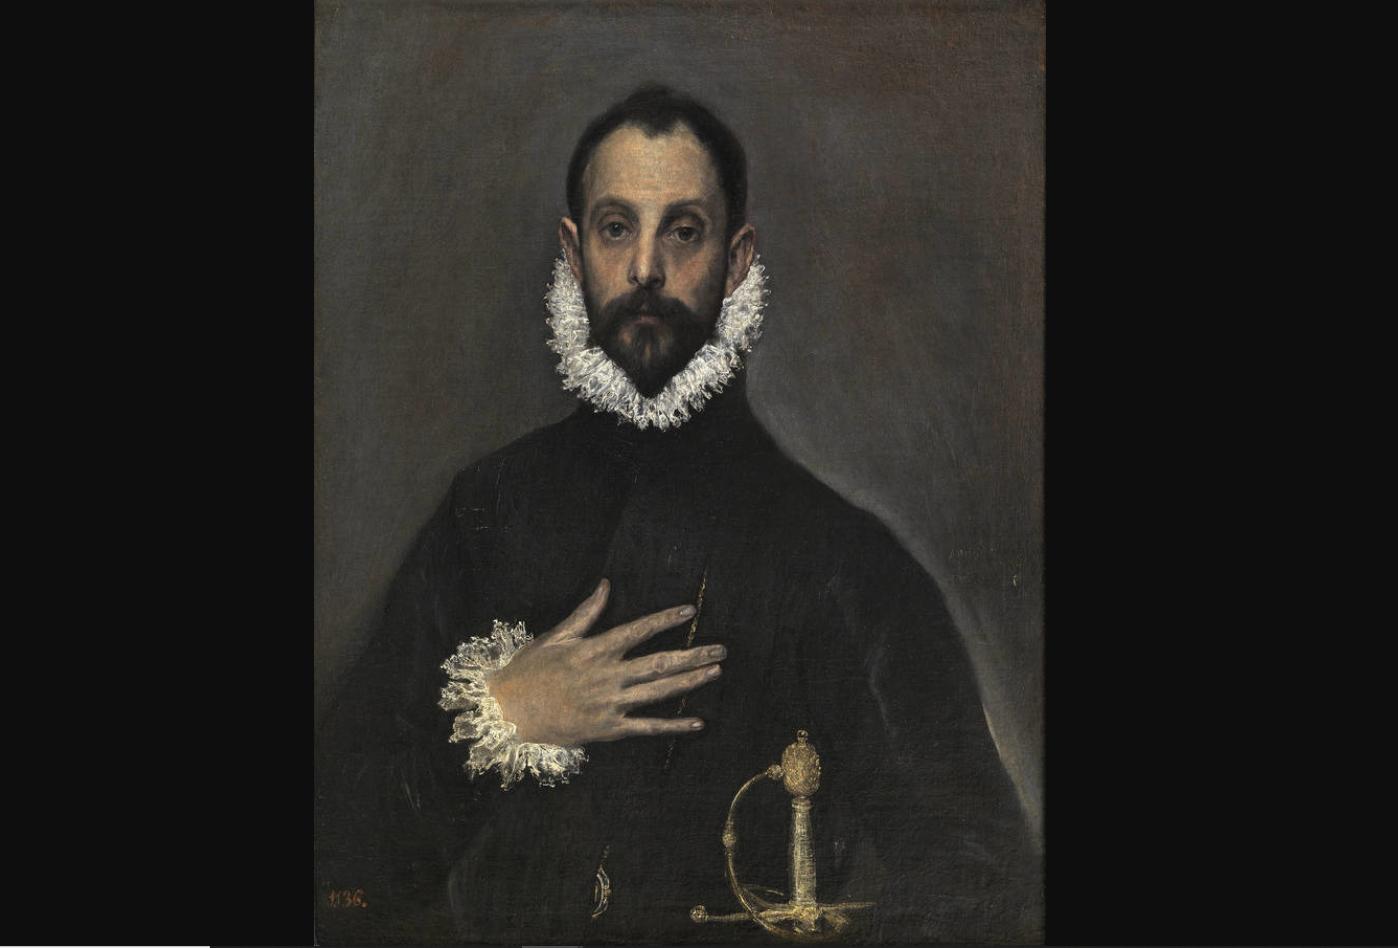 Gentleman with His Hand on His Chest / El caballero de la mano en el pecho, Domenikos Theotokopoulos (El Greco)